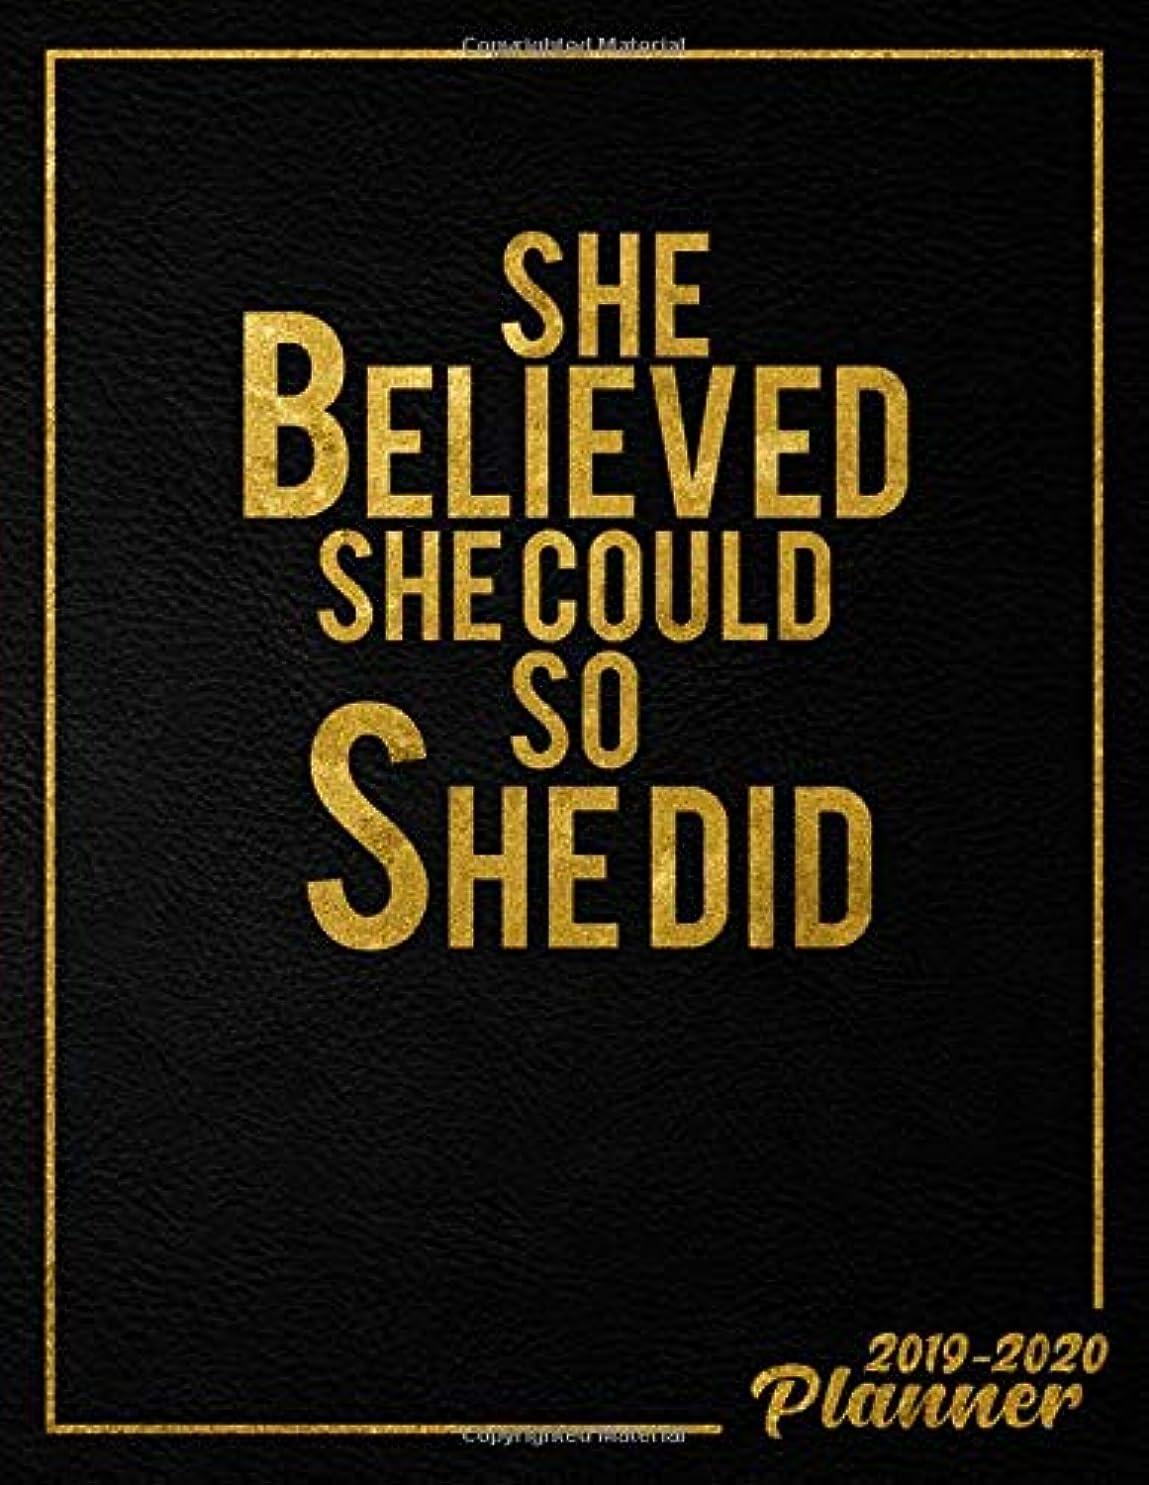 ジェムキャラクター火山学者She Believed She Could So She Did 2019-2020: Cute Black & Gold Daily, Weekly and Monthly 2019-2020 Planner. Pretty Two Year Organizer, Schedule and Agenda with Inspirational Quotes, Notes, To-Do's, Vision Boards, ... (Female Empowerment Gifts)